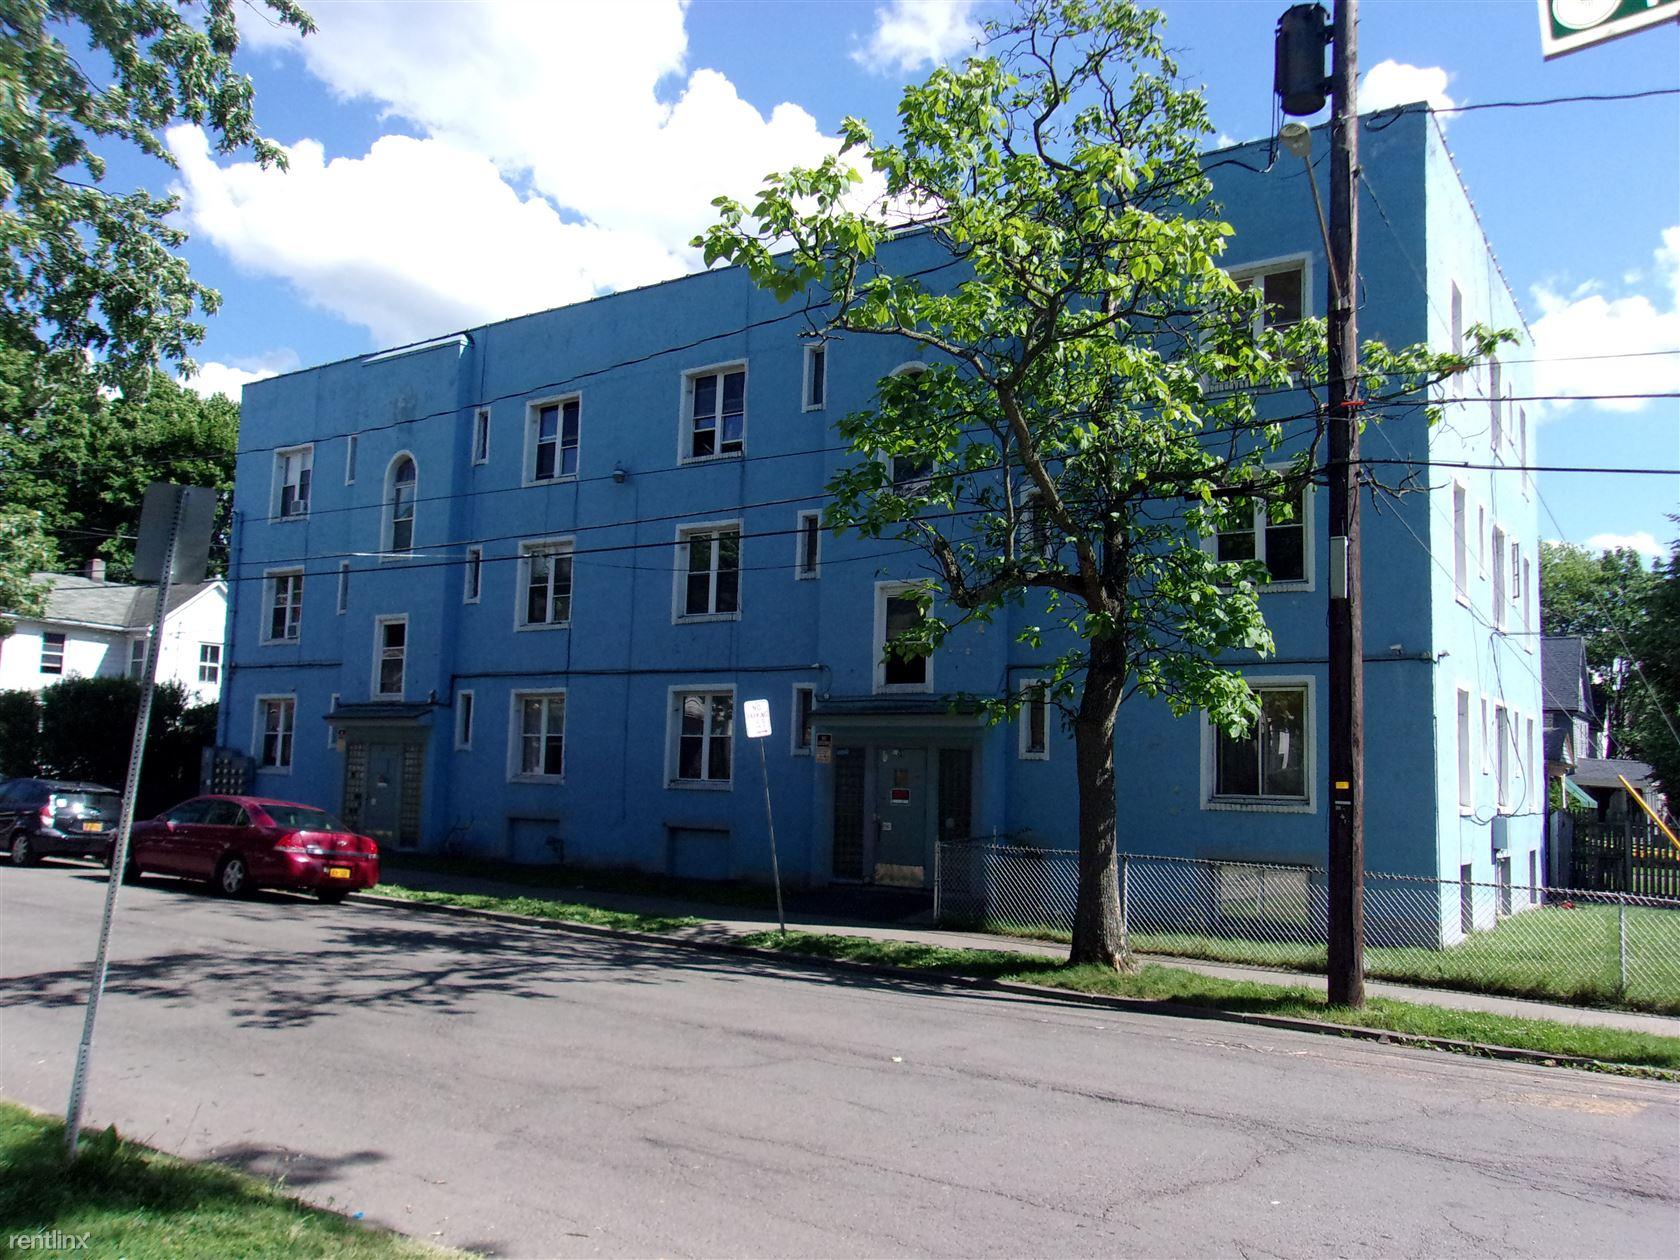 57 North St, Binghamton, NY - $550